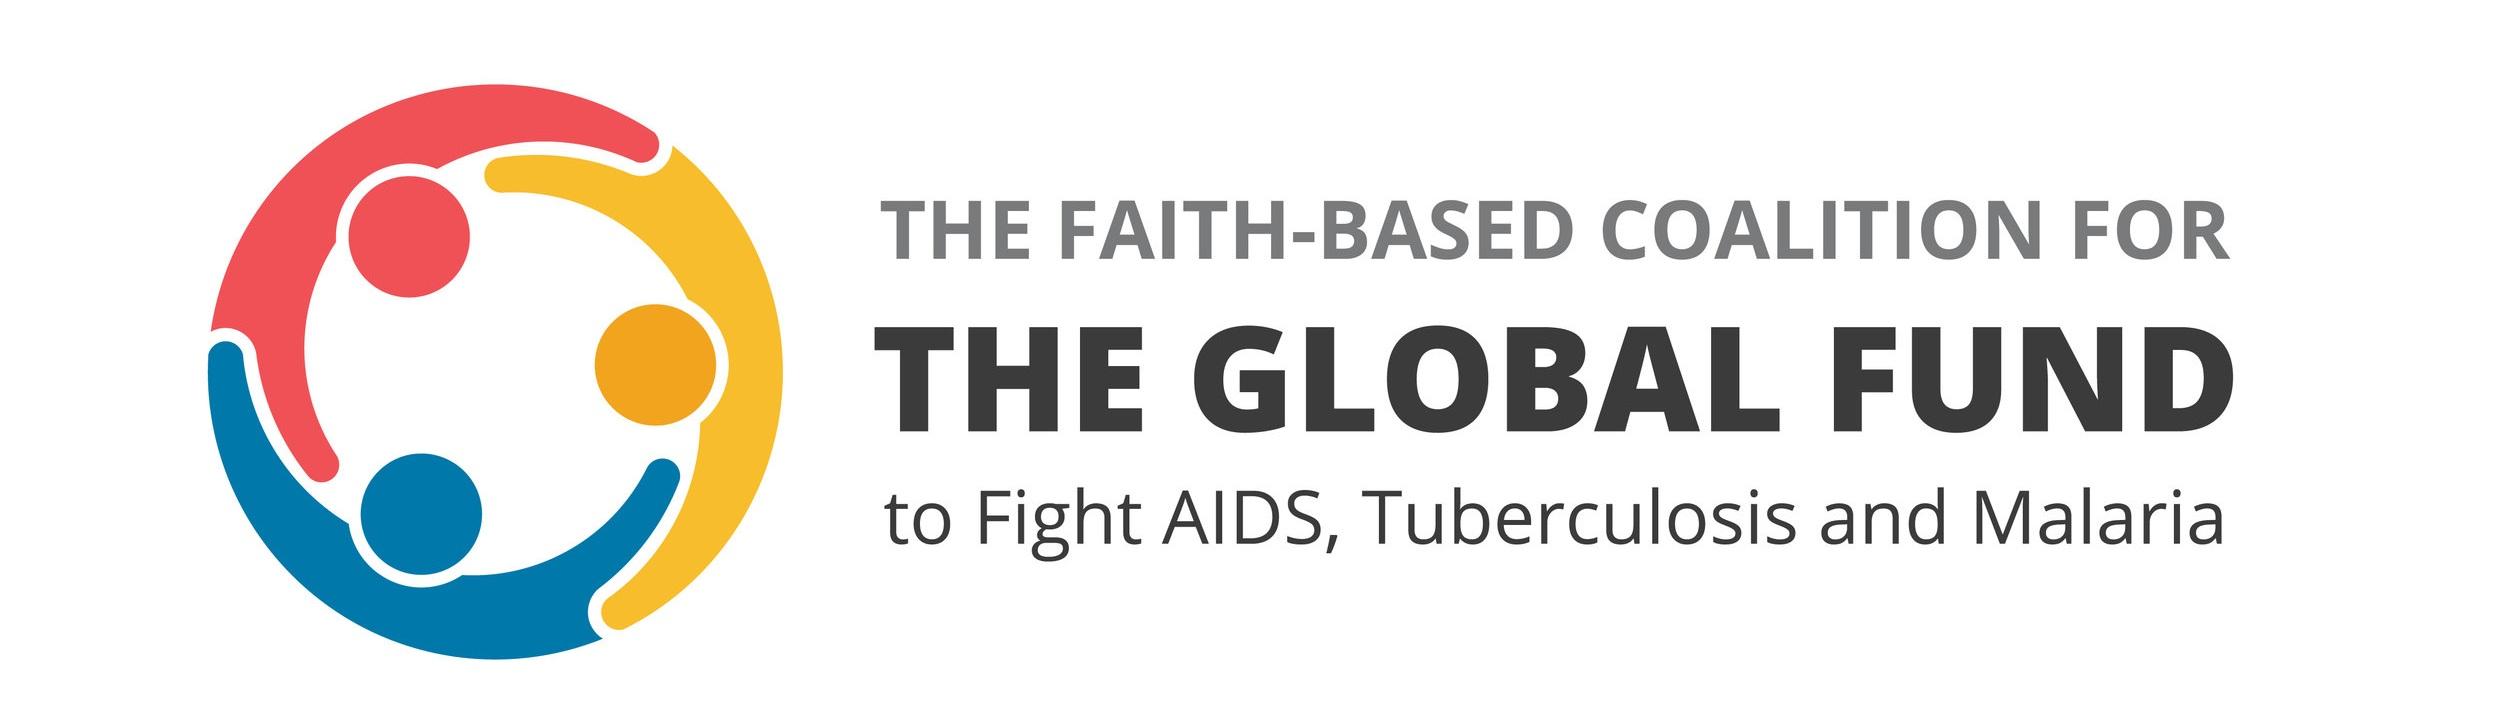 Global+Fund+Faith+Coalition-01.jpg